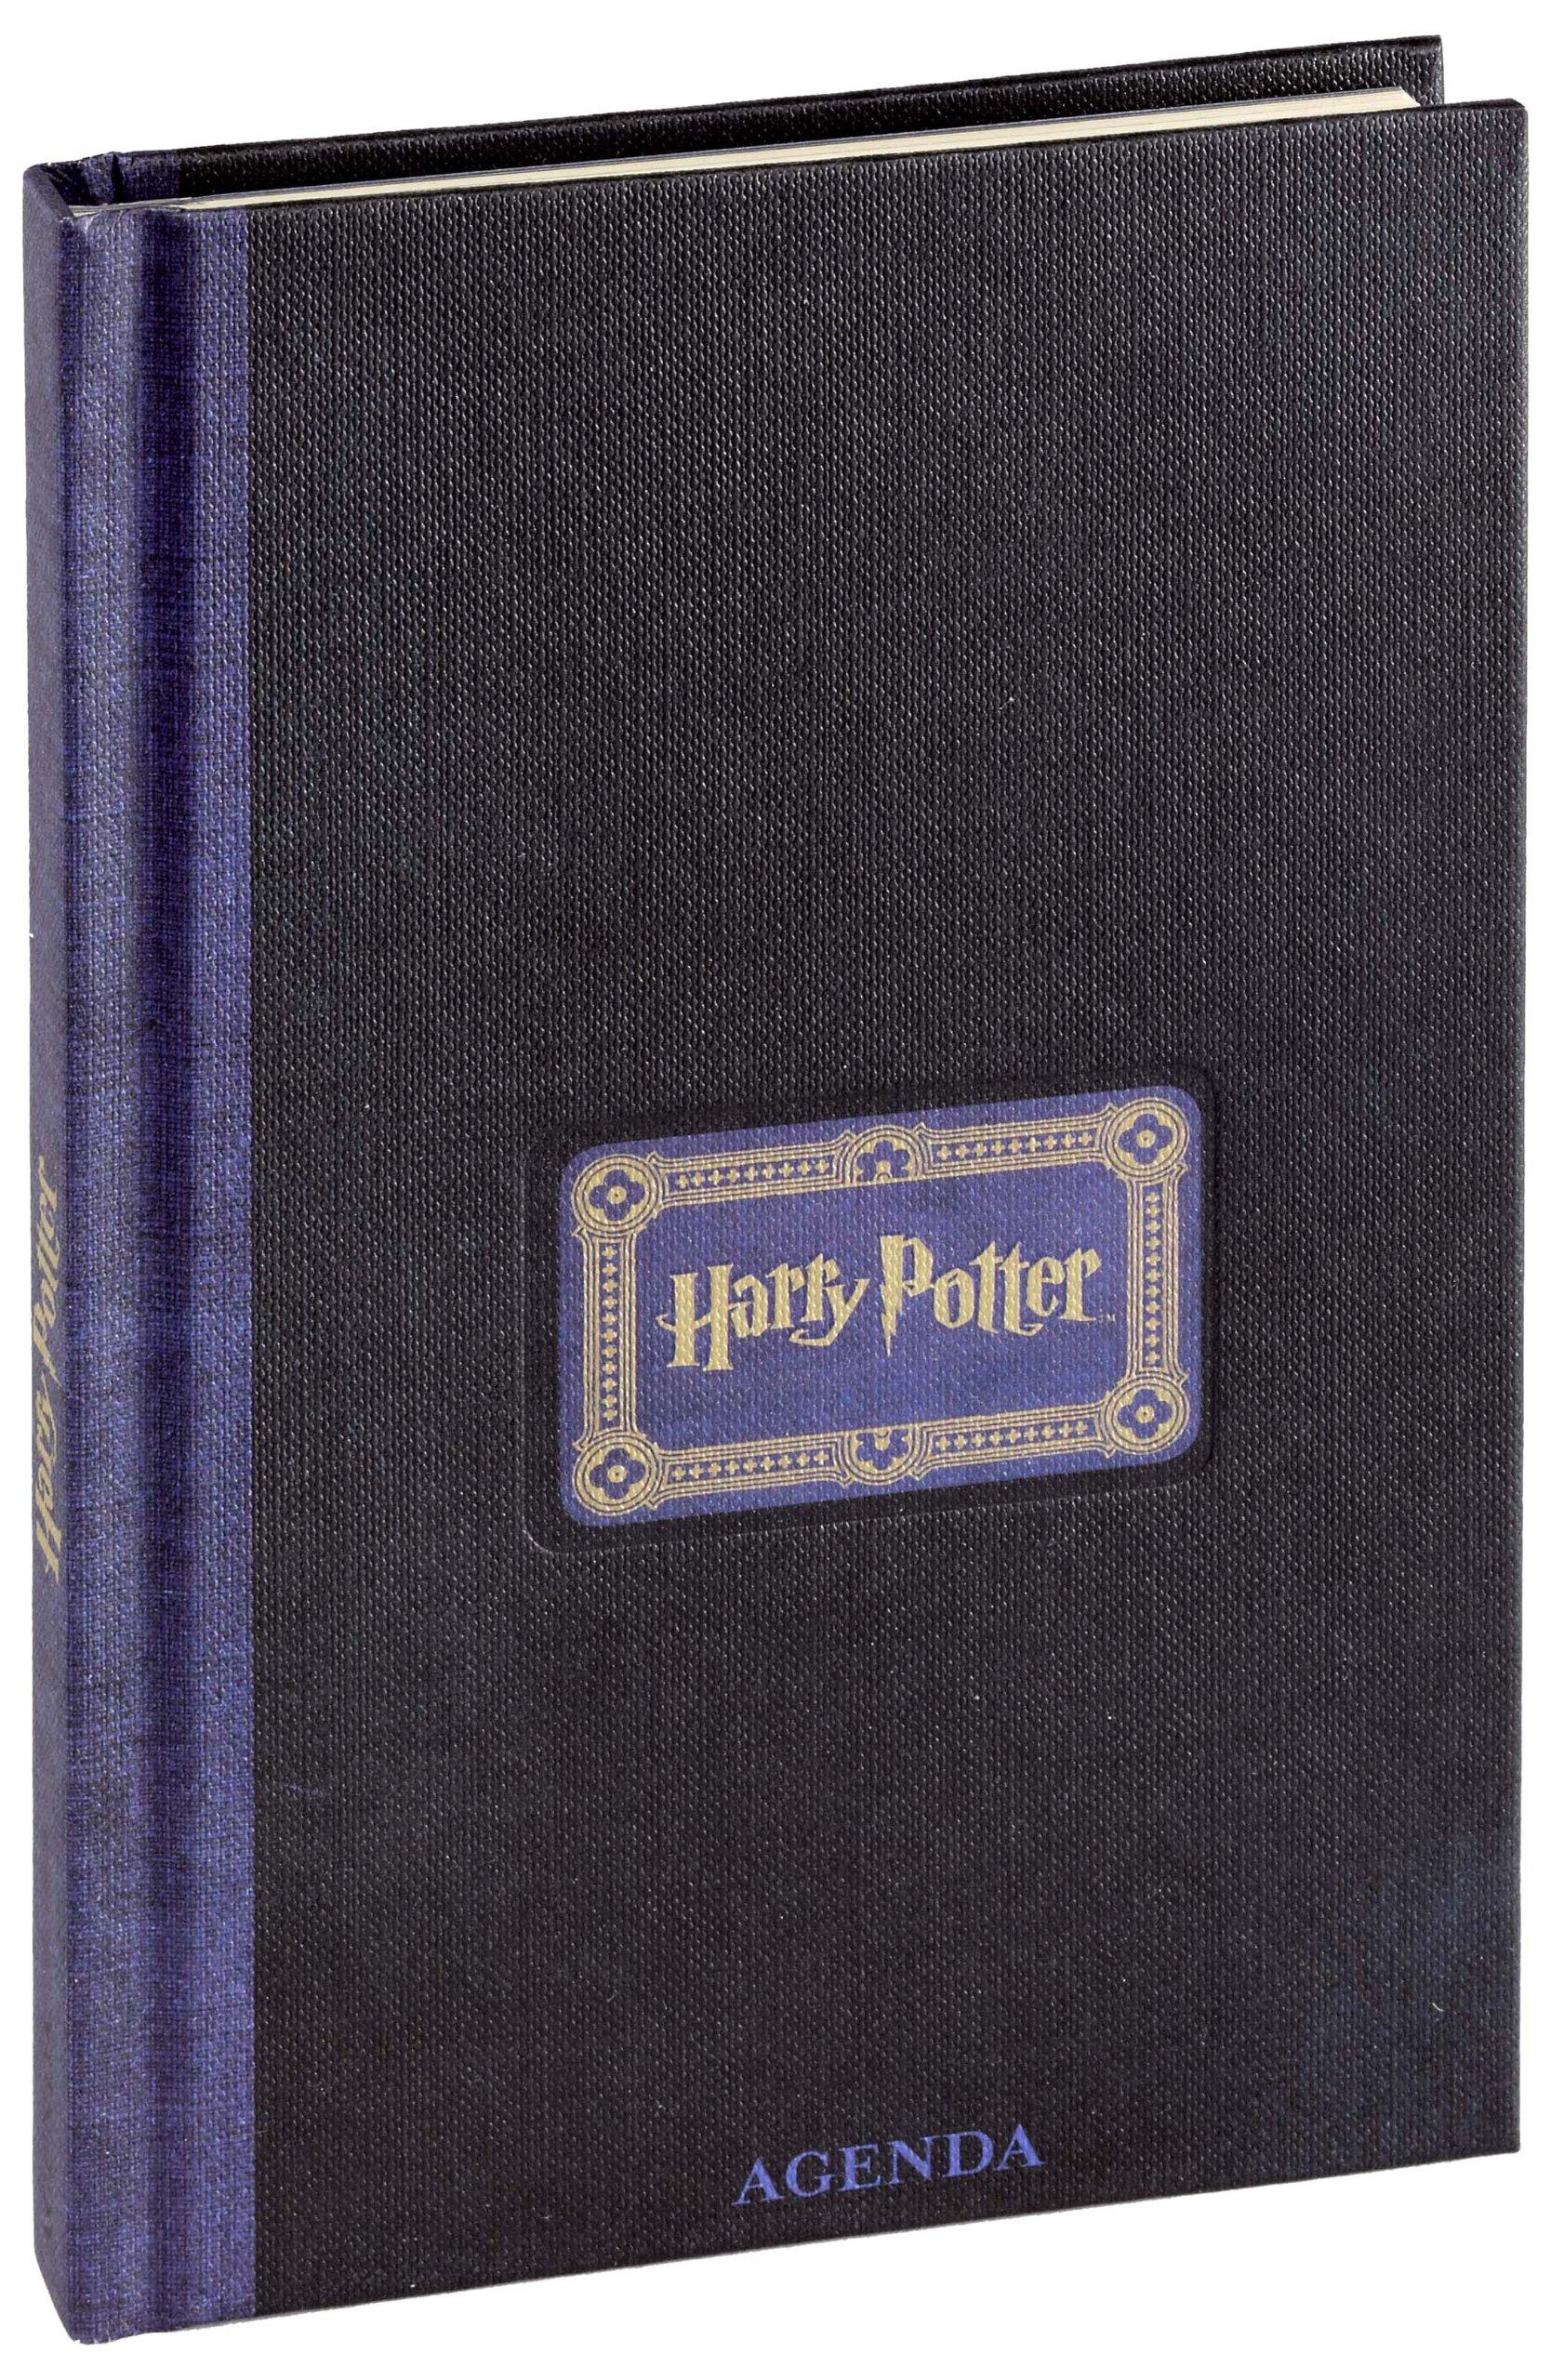 Agenda harry potter: Amazon.es: Collectif: Libros en idiomas ...